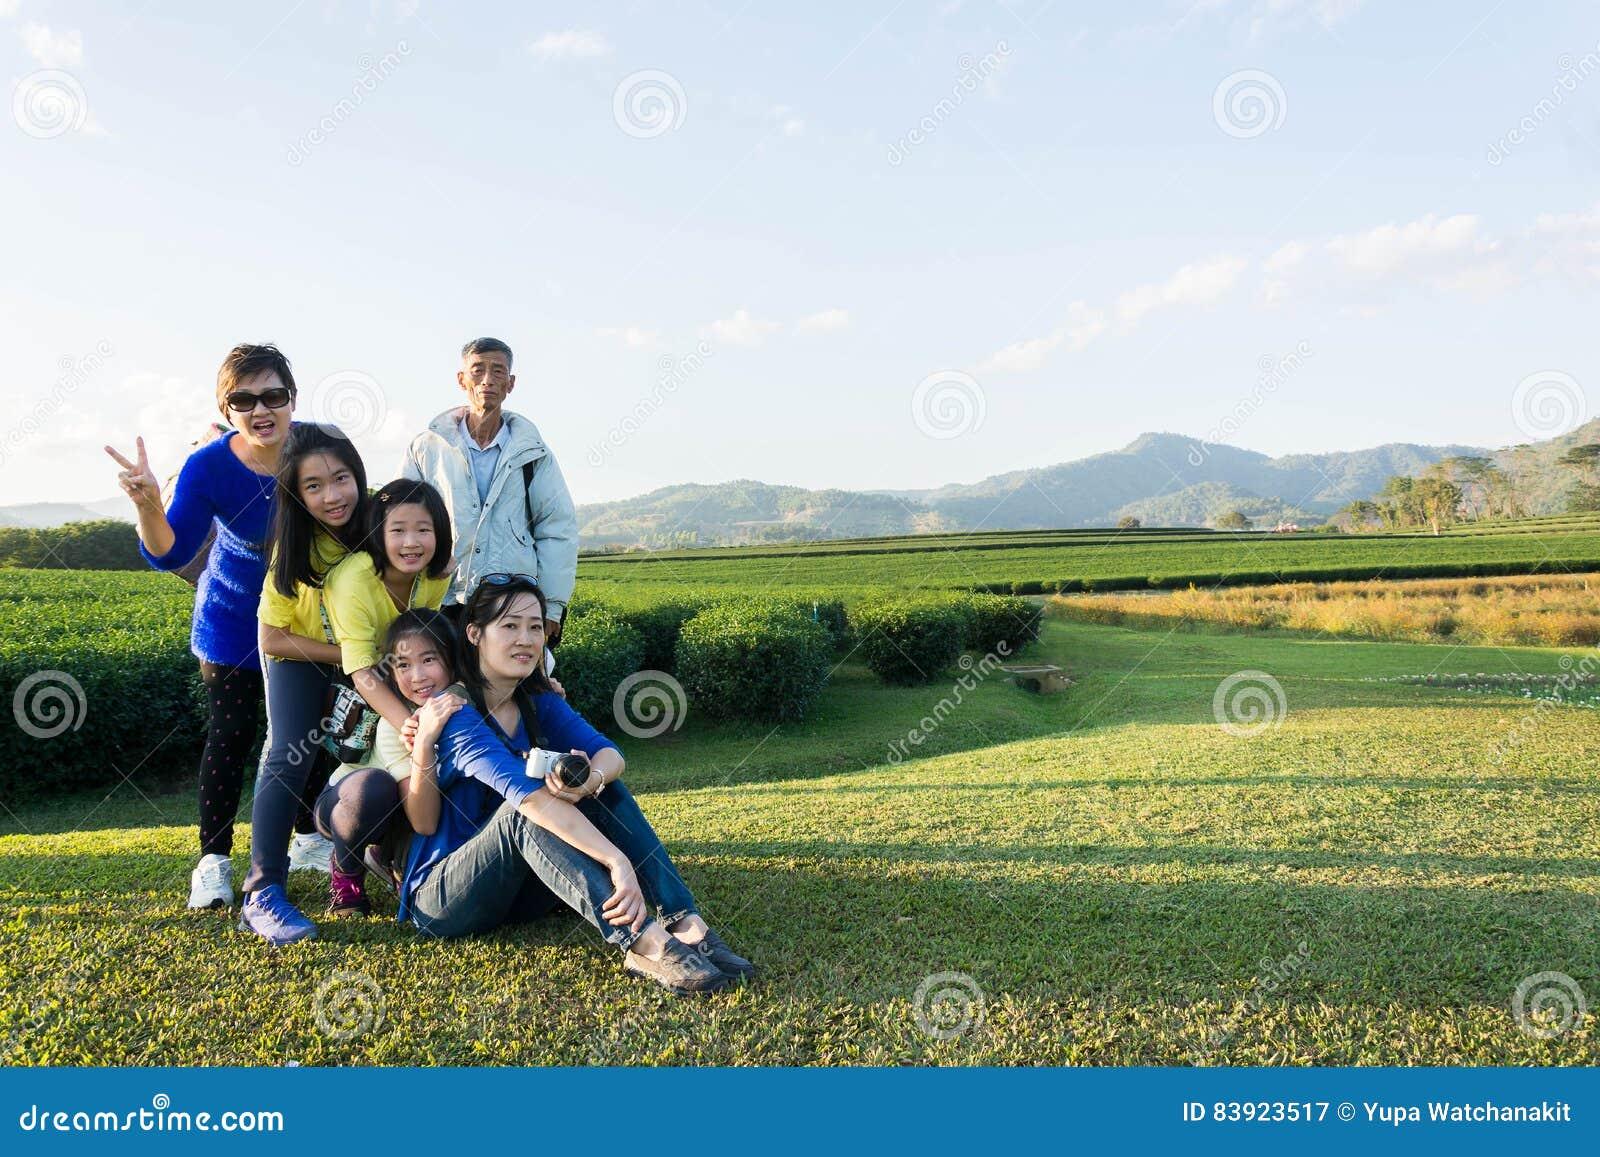 Piękny młody rodzinny portret plenerowy